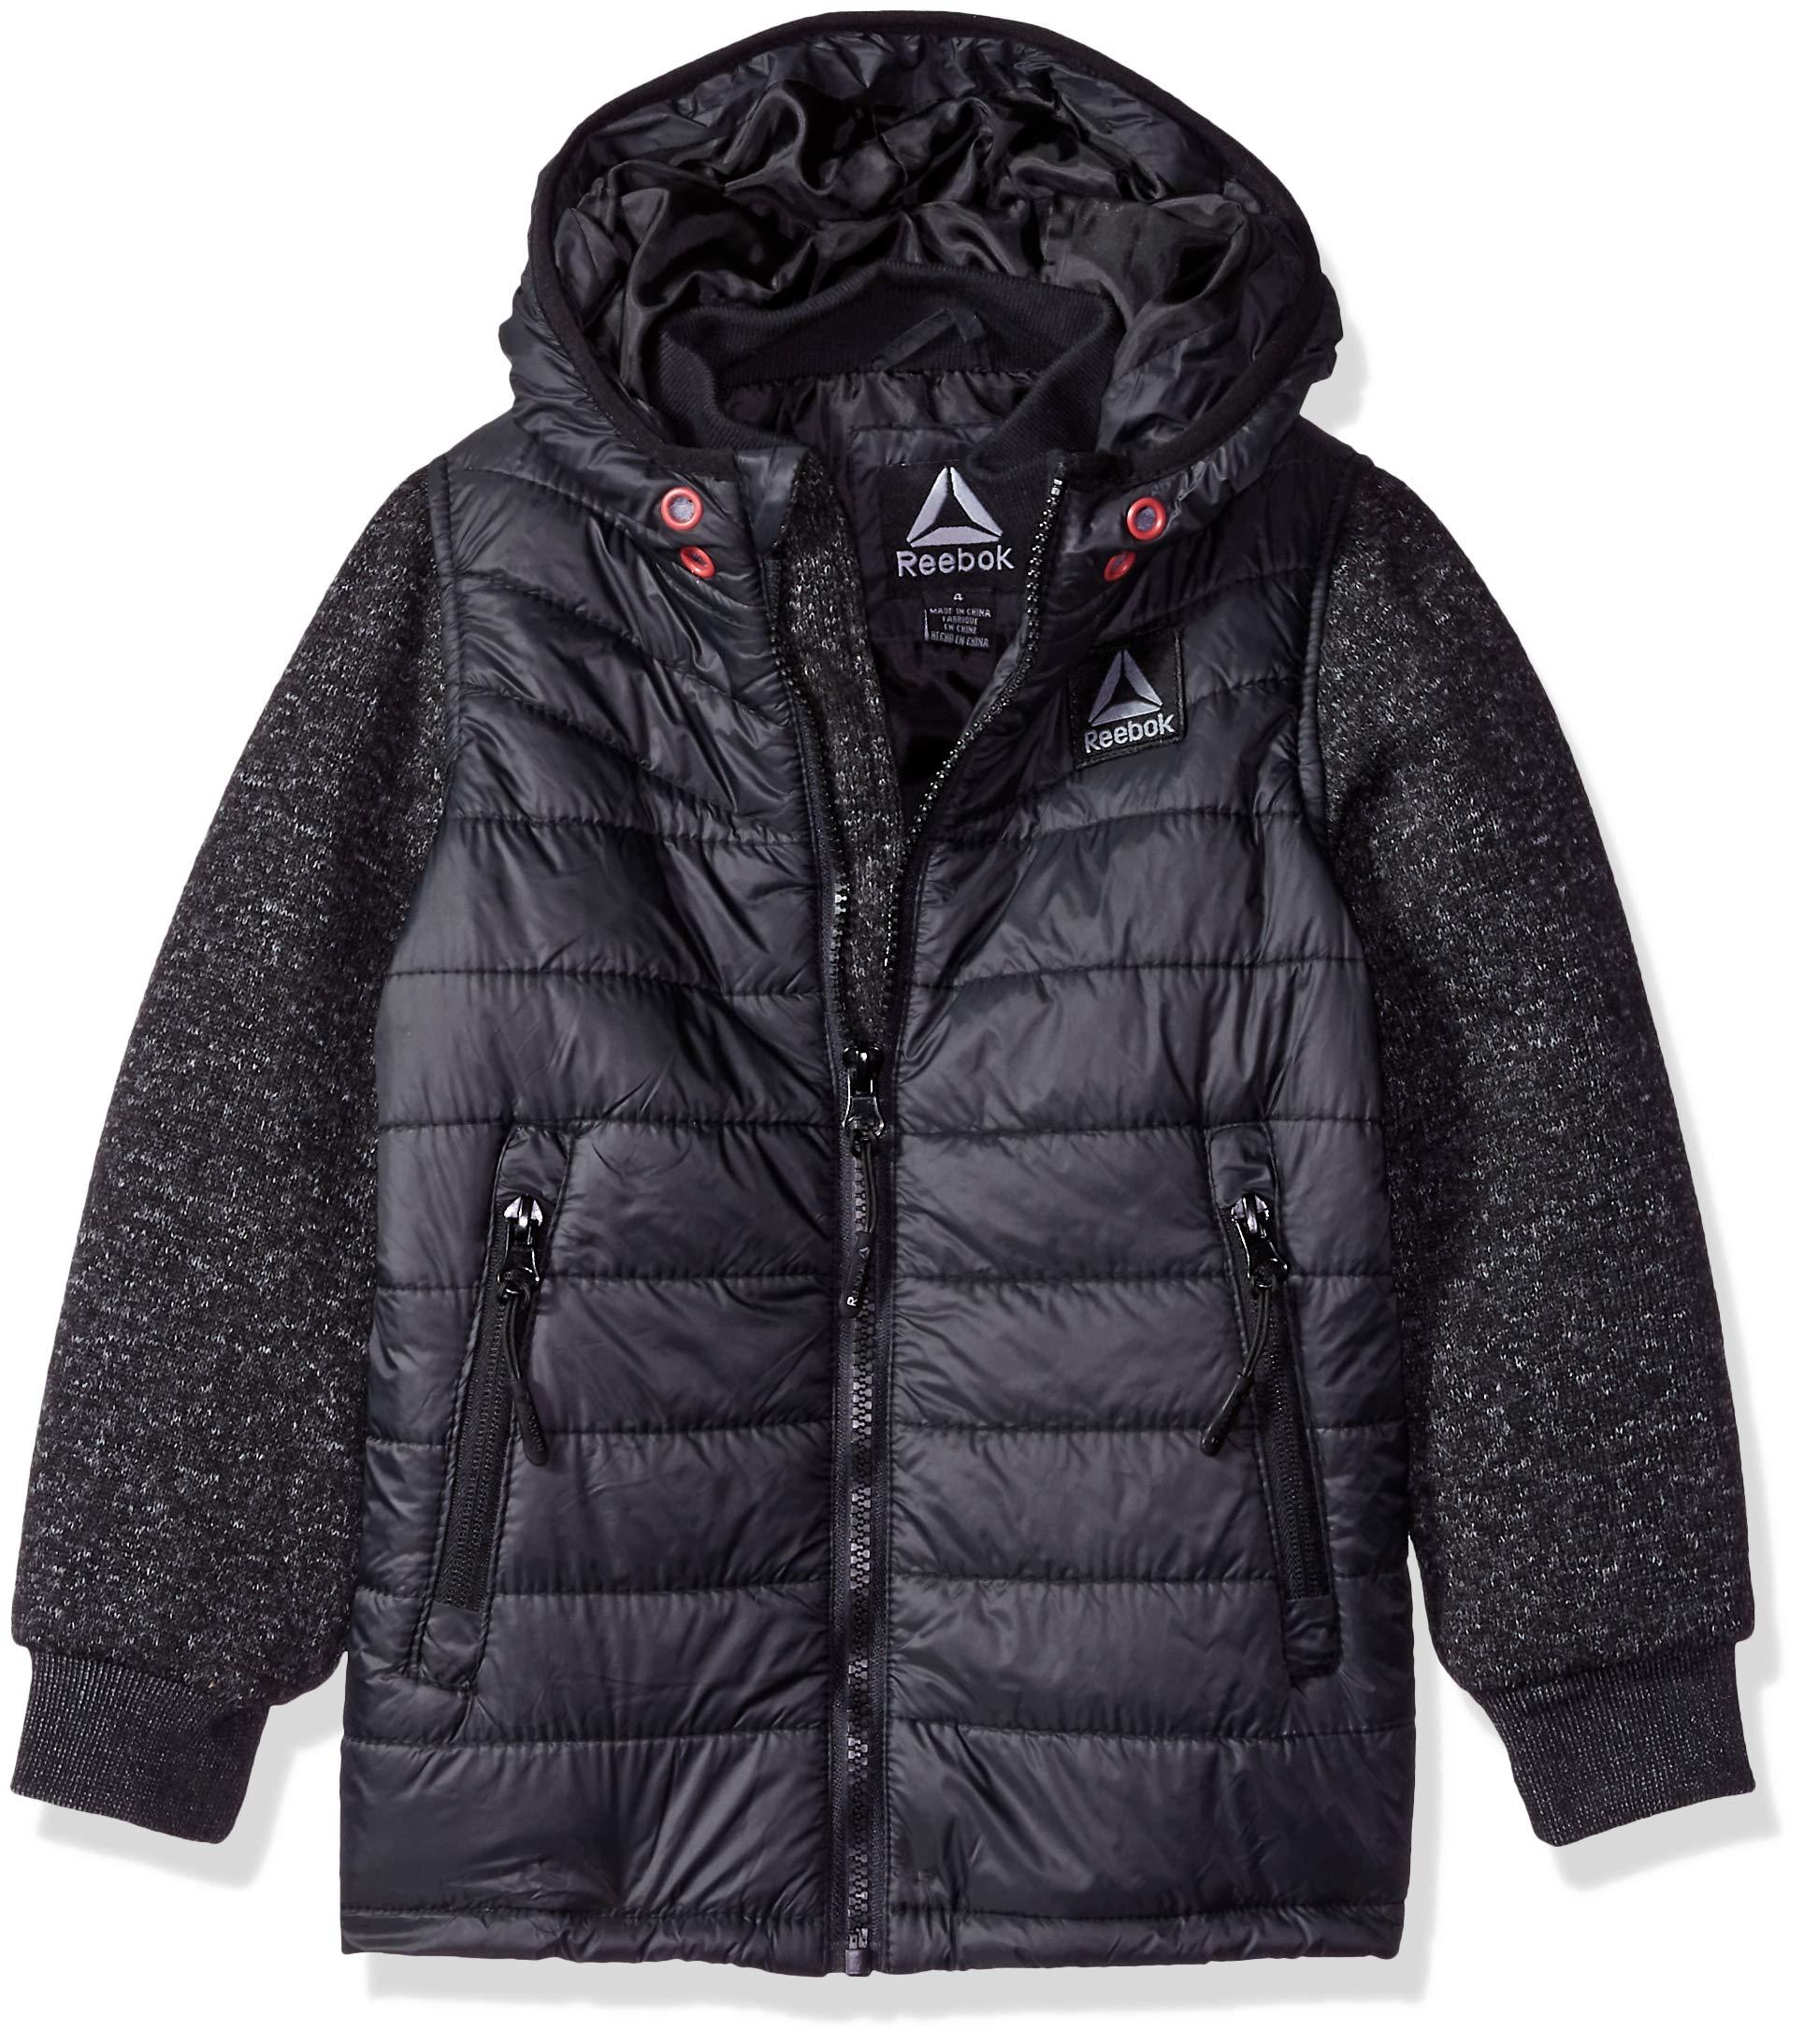 Reebok Boys' Toddler Active Sweater Fleece Mix Jacket, Black Heather, 4T